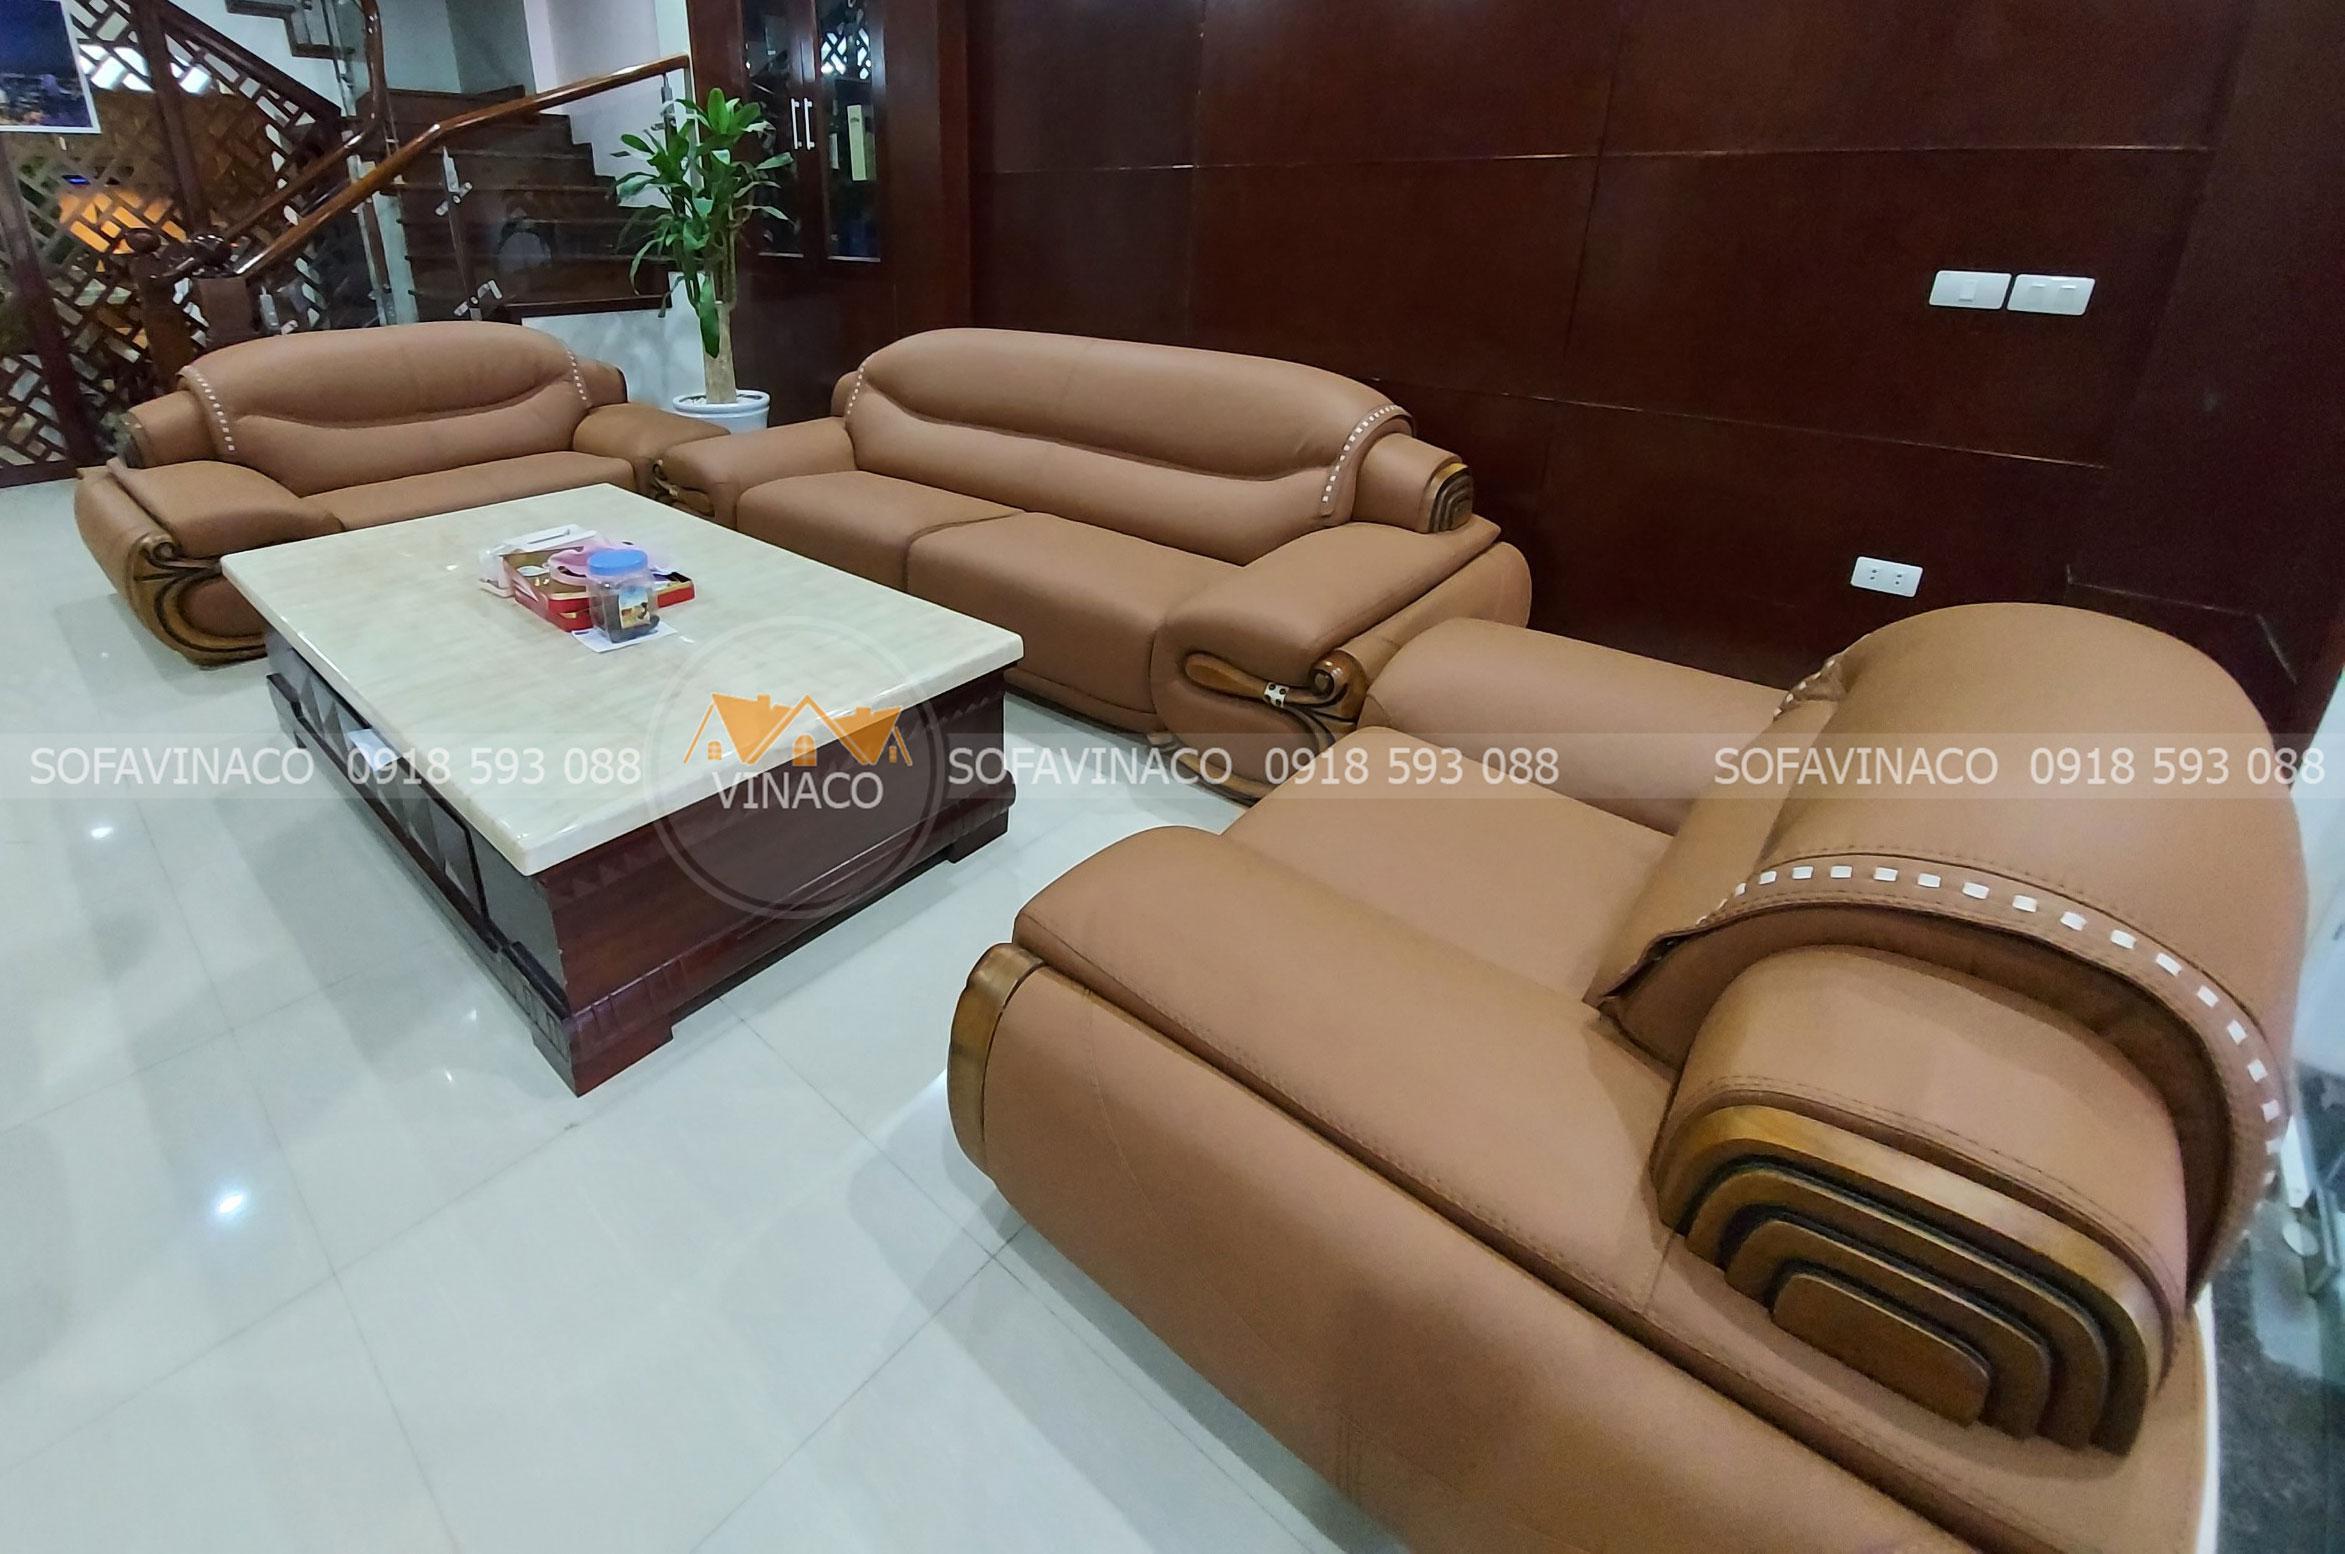 Bọc lại ghế sofa da uy tín chất lượng tại Nội Bài, Hà Nội